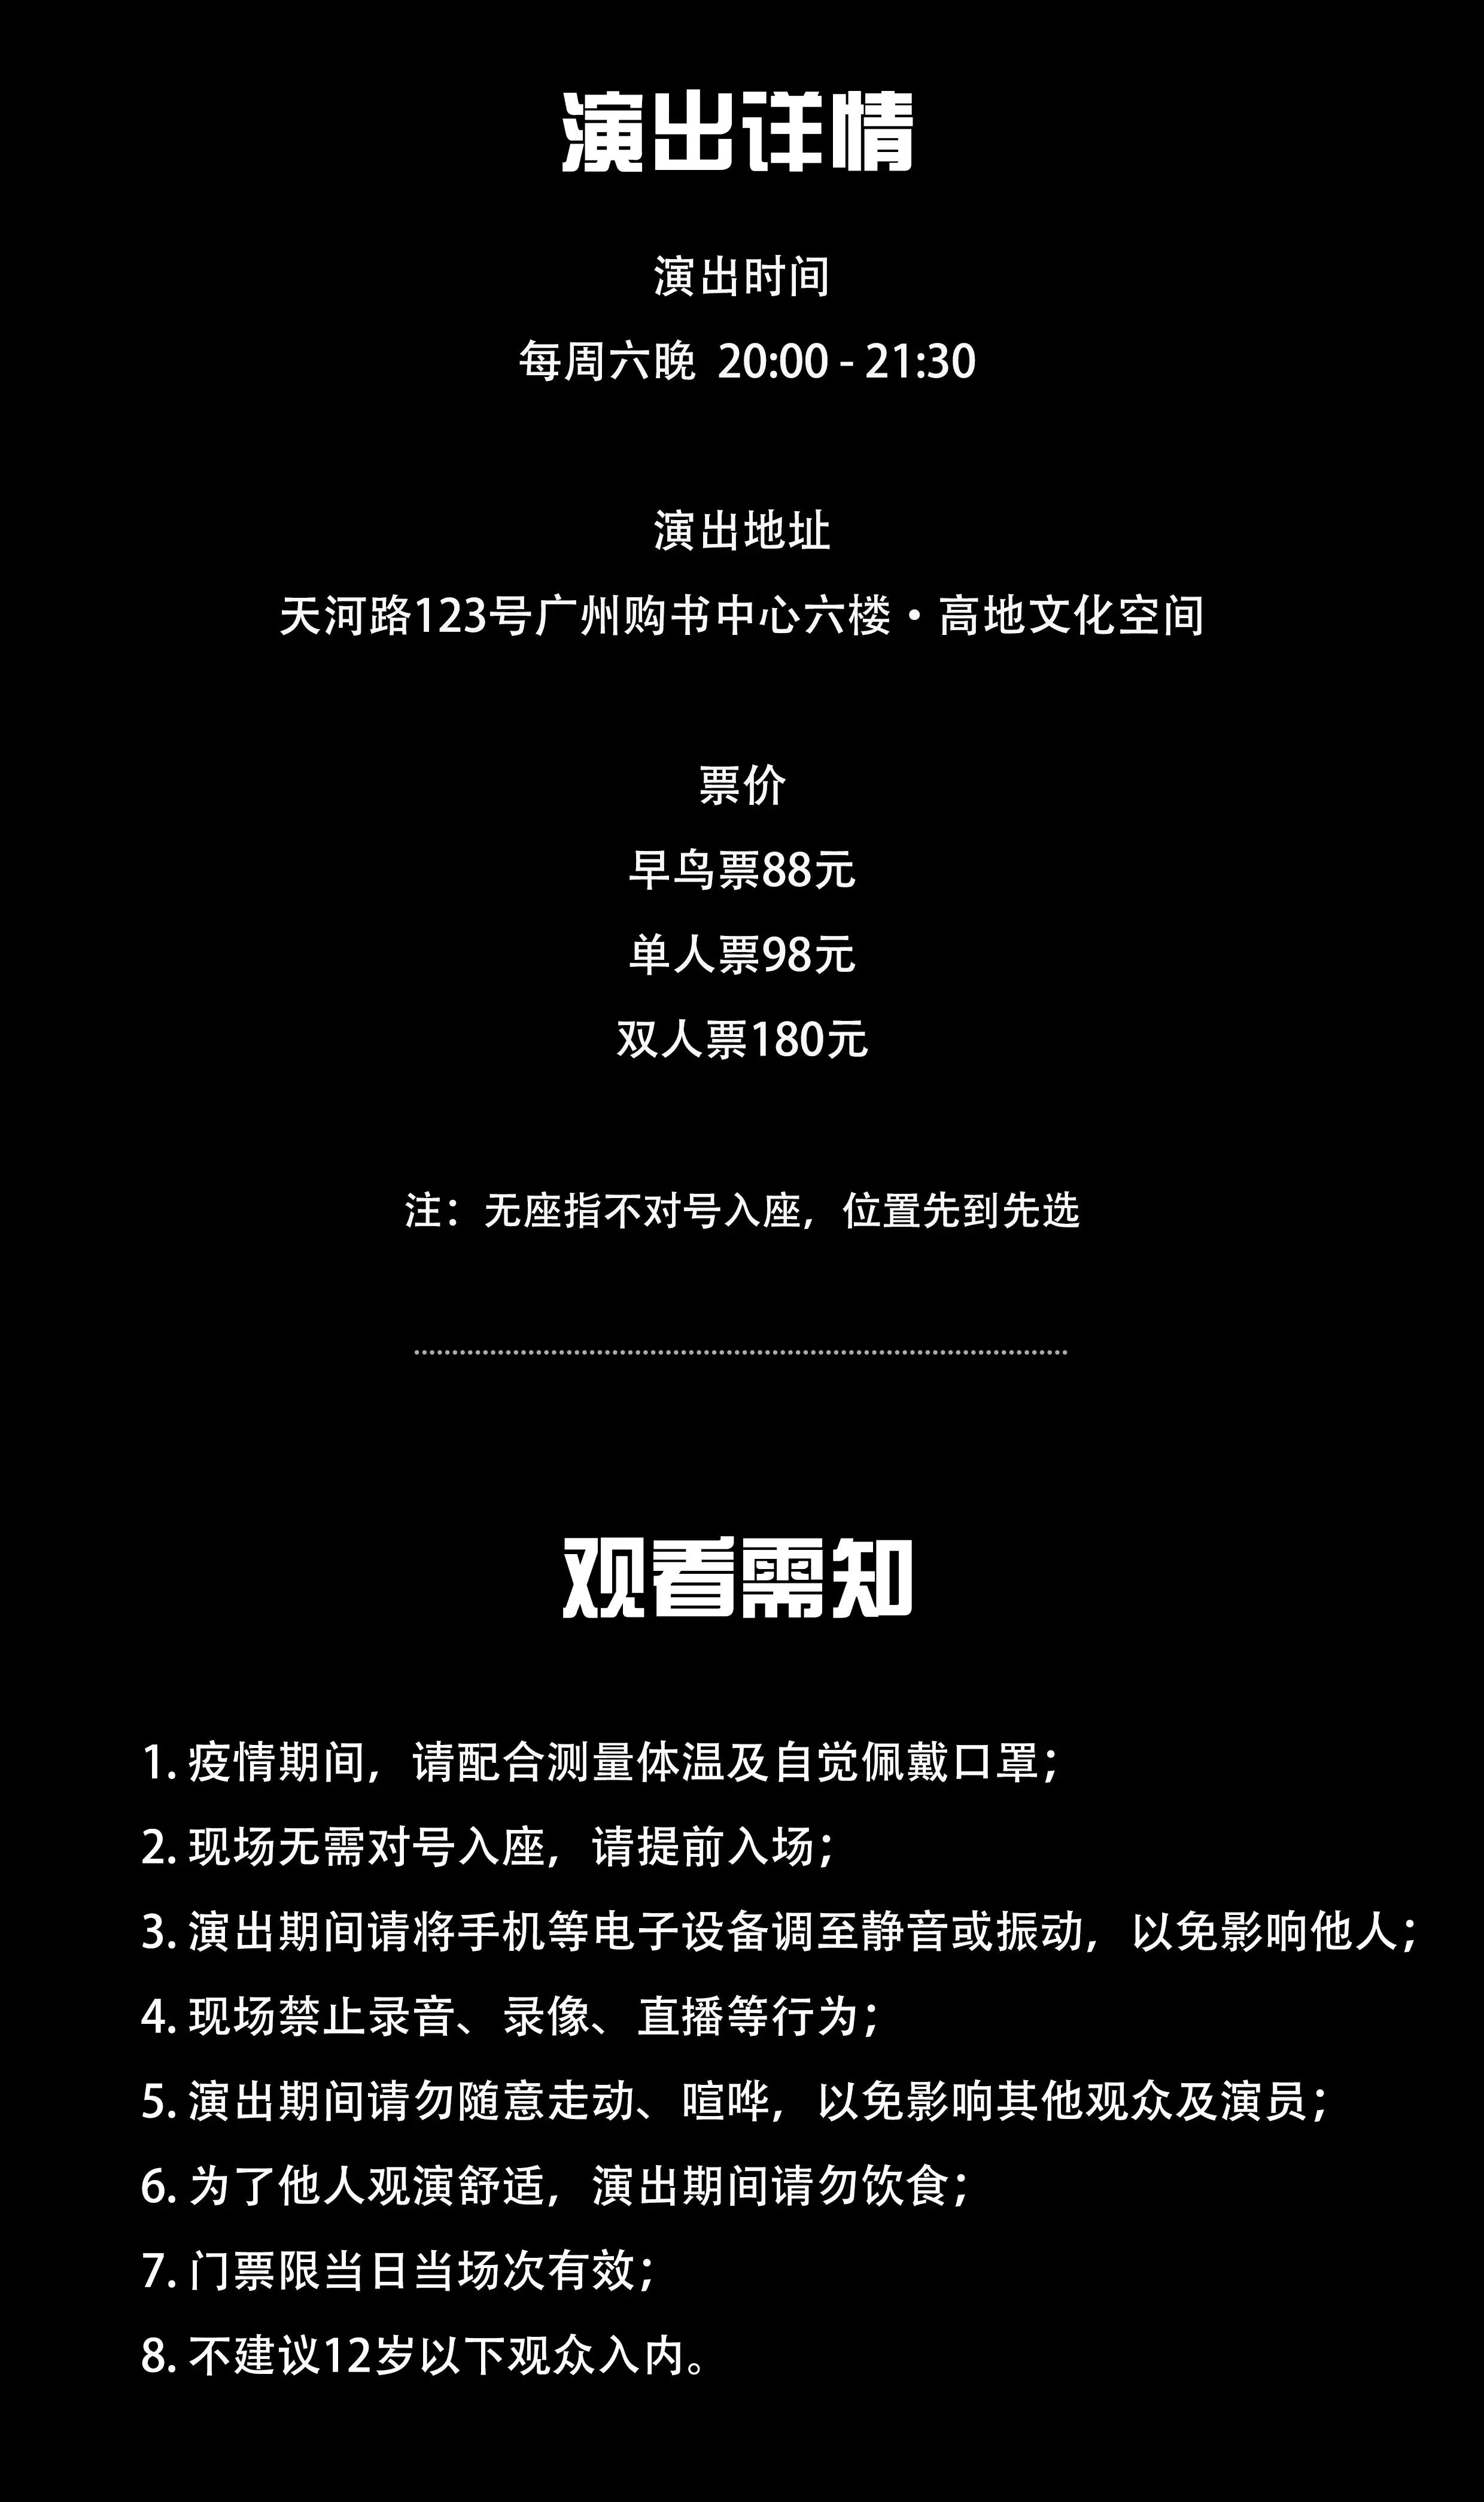 2021纯粹幽默|周六晚间喜剧脱口秀Live剧场(普通话)-广州站